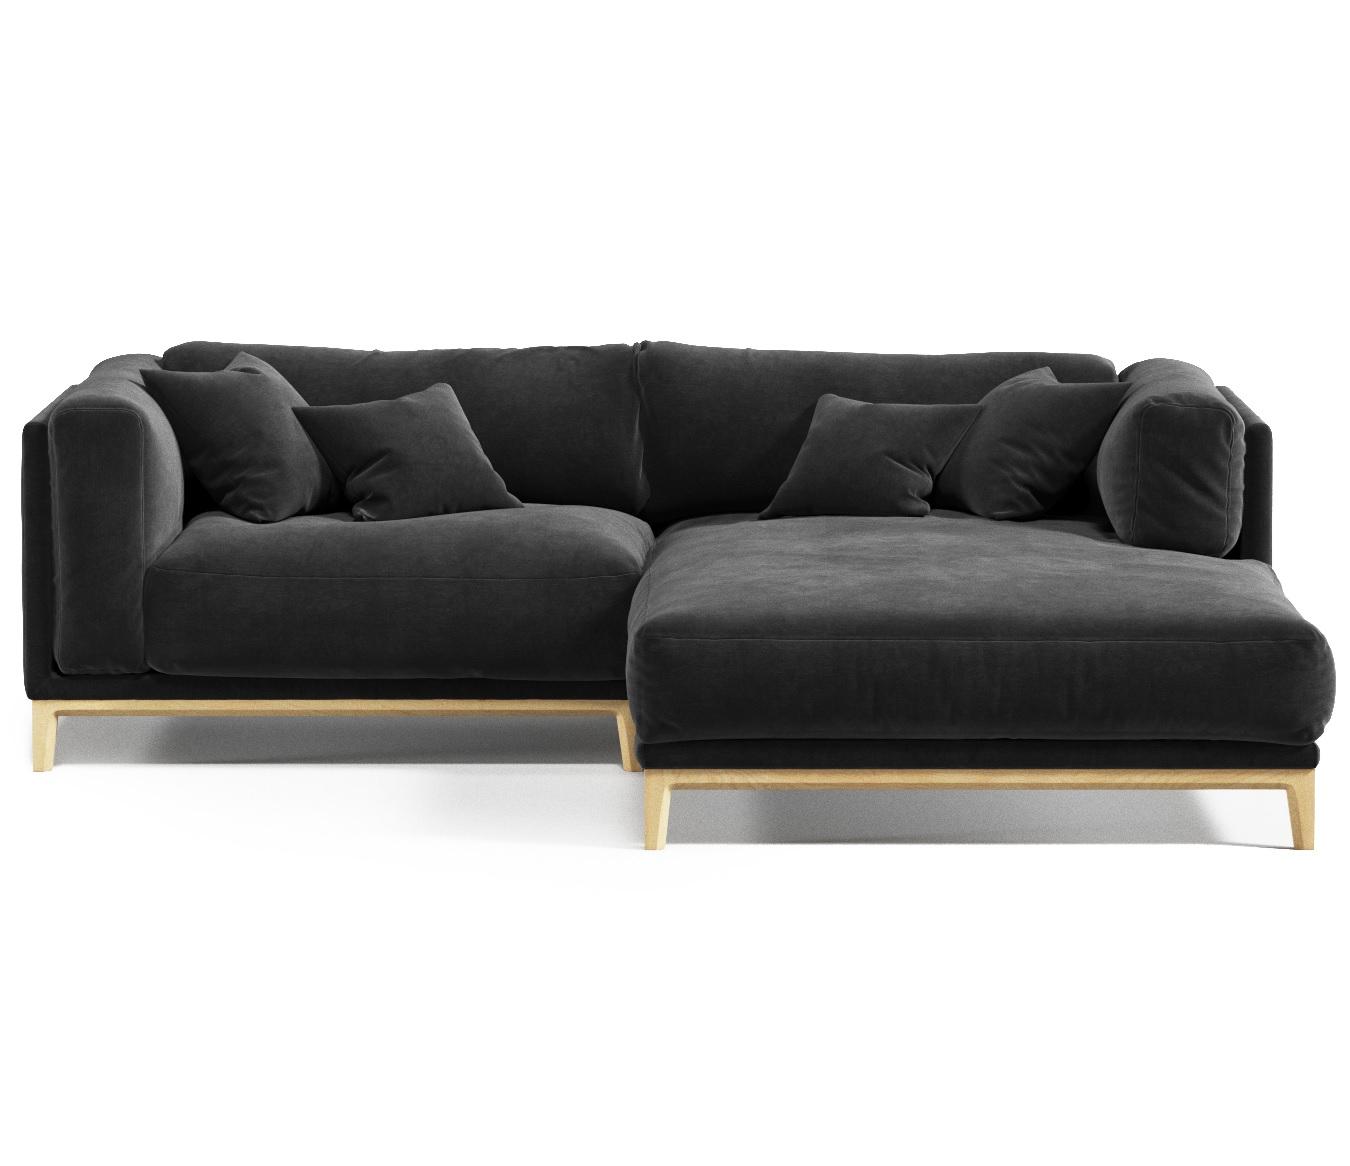 Диван Case 2Угловые диваны<br>&amp;lt;div&amp;gt;Эта модель трехместного дивана подойдет в любые помещения благодаря модульной конструкции, современному дизайну и эргономичному наполнителю. Объемные подушки из прорезиненного пенополиуретана нескольких степеней жесткости вместе с удобной глубокой посадкой создают необычайно комфортную зону отдыха и легко восстанавливают форму.&amp;lt;br&amp;gt;&amp;lt;/div&amp;gt;&amp;lt;div&amp;gt;&amp;lt;br&amp;gt;&amp;lt;/div&amp;gt;&amp;lt;div&amp;gt;Все чехлы съемные, их легко стирать. Диваны не имеют оборотной стороны и могут устанавливаться в центре помещения. В комплекте с диваном поставляются декоративные подушки.&amp;amp;nbsp;&amp;lt;div&amp;gt;Диван Case доступен к заказу в нескольких категориях ткани и с 5 вариантами тонировки ножек. Кроме того, возможен заказ дивана Case в индивидуальном размере и в собственной ткани.&amp;lt;/div&amp;gt;&amp;lt;div&amp;gt;Вы можете выбрать любой цвет обивки из палитры. В категории 1 цена без изменения. Категории 2 и 3 цена по запросу у менеджера.&amp;amp;nbsp;&amp;lt;div&amp;gt;Также возможны нестандартные варианты сочетания обивки и отделки дивана. Гарантия на изделия составляет 3 года.&amp;lt;/div&amp;gt;&amp;lt;/div&amp;gt;&amp;lt;/div&amp;gt;<br><br>Material: Текстиль<br>Length см: None<br>Width см: 248<br>Depth см: 195<br>Height см: 80<br>Diameter см: None